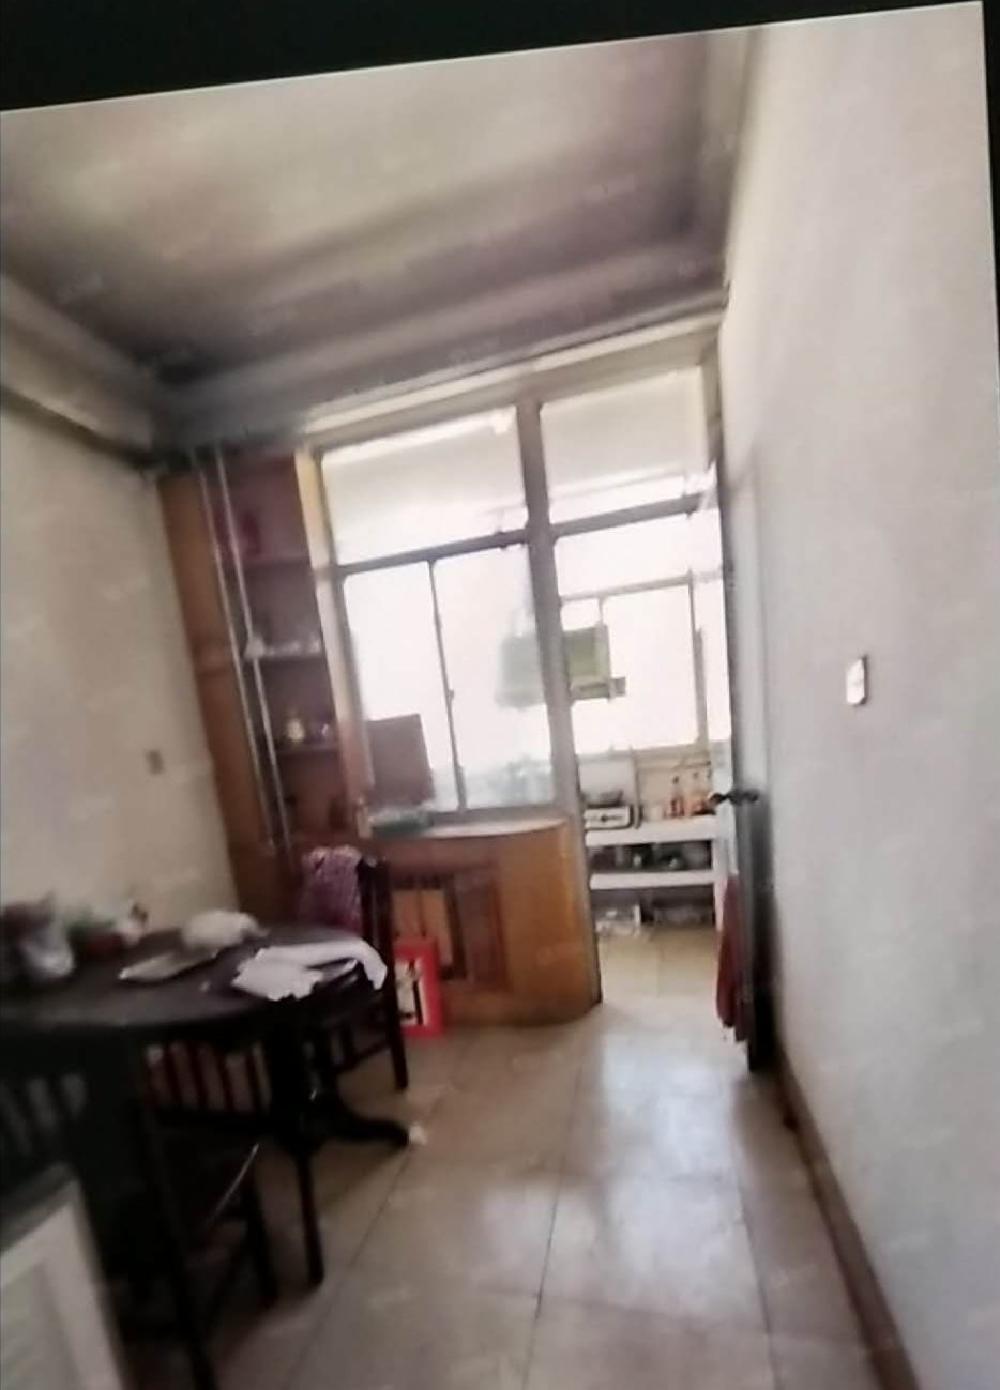 工行家属院 振兴东路 3室2厅1卫